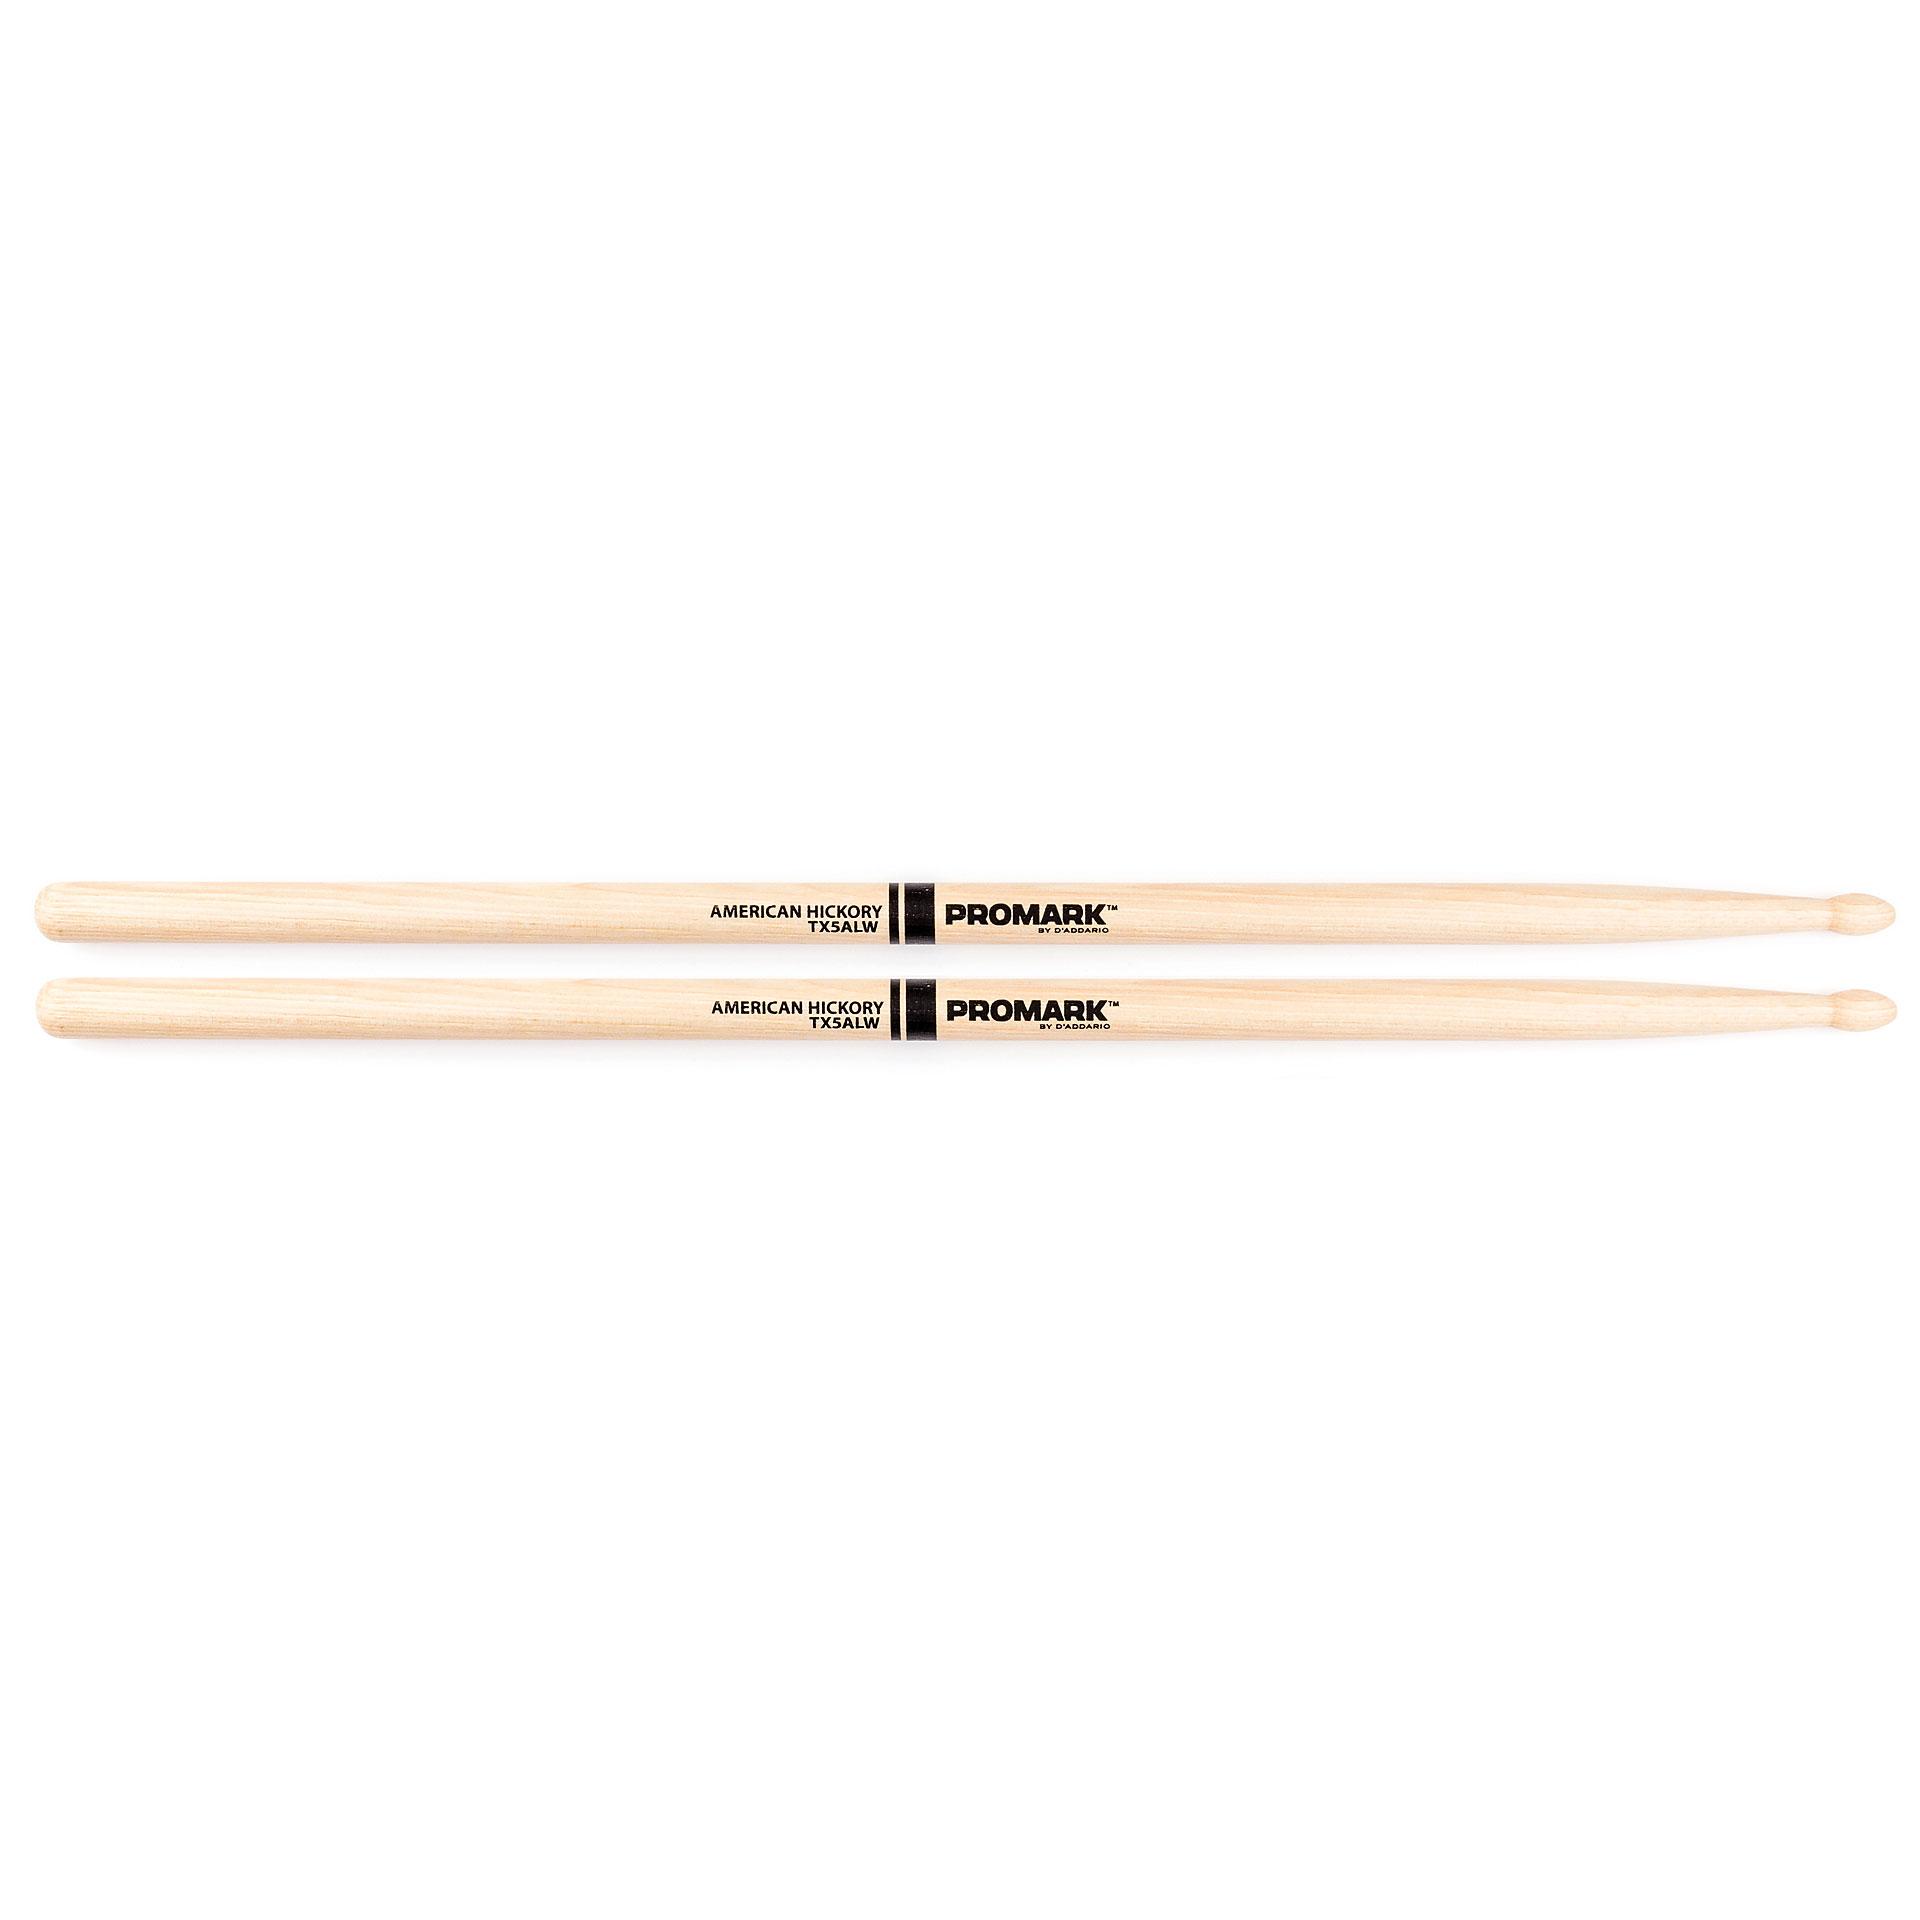 promark hickory 5al wood tip drumsticks. Black Bedroom Furniture Sets. Home Design Ideas